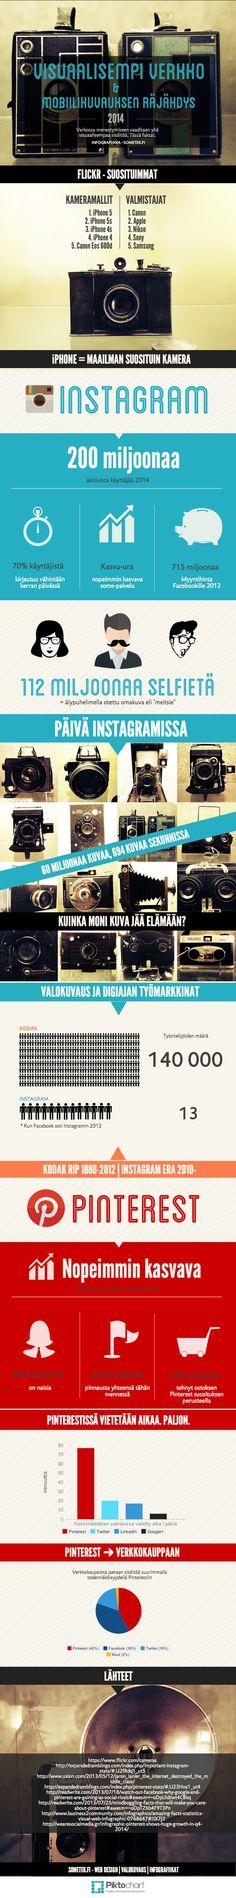 Infograafi: visuaalinen verkko 2014 ja mobiilivalokuvaus. Instagram & Pinterest tilastoja.